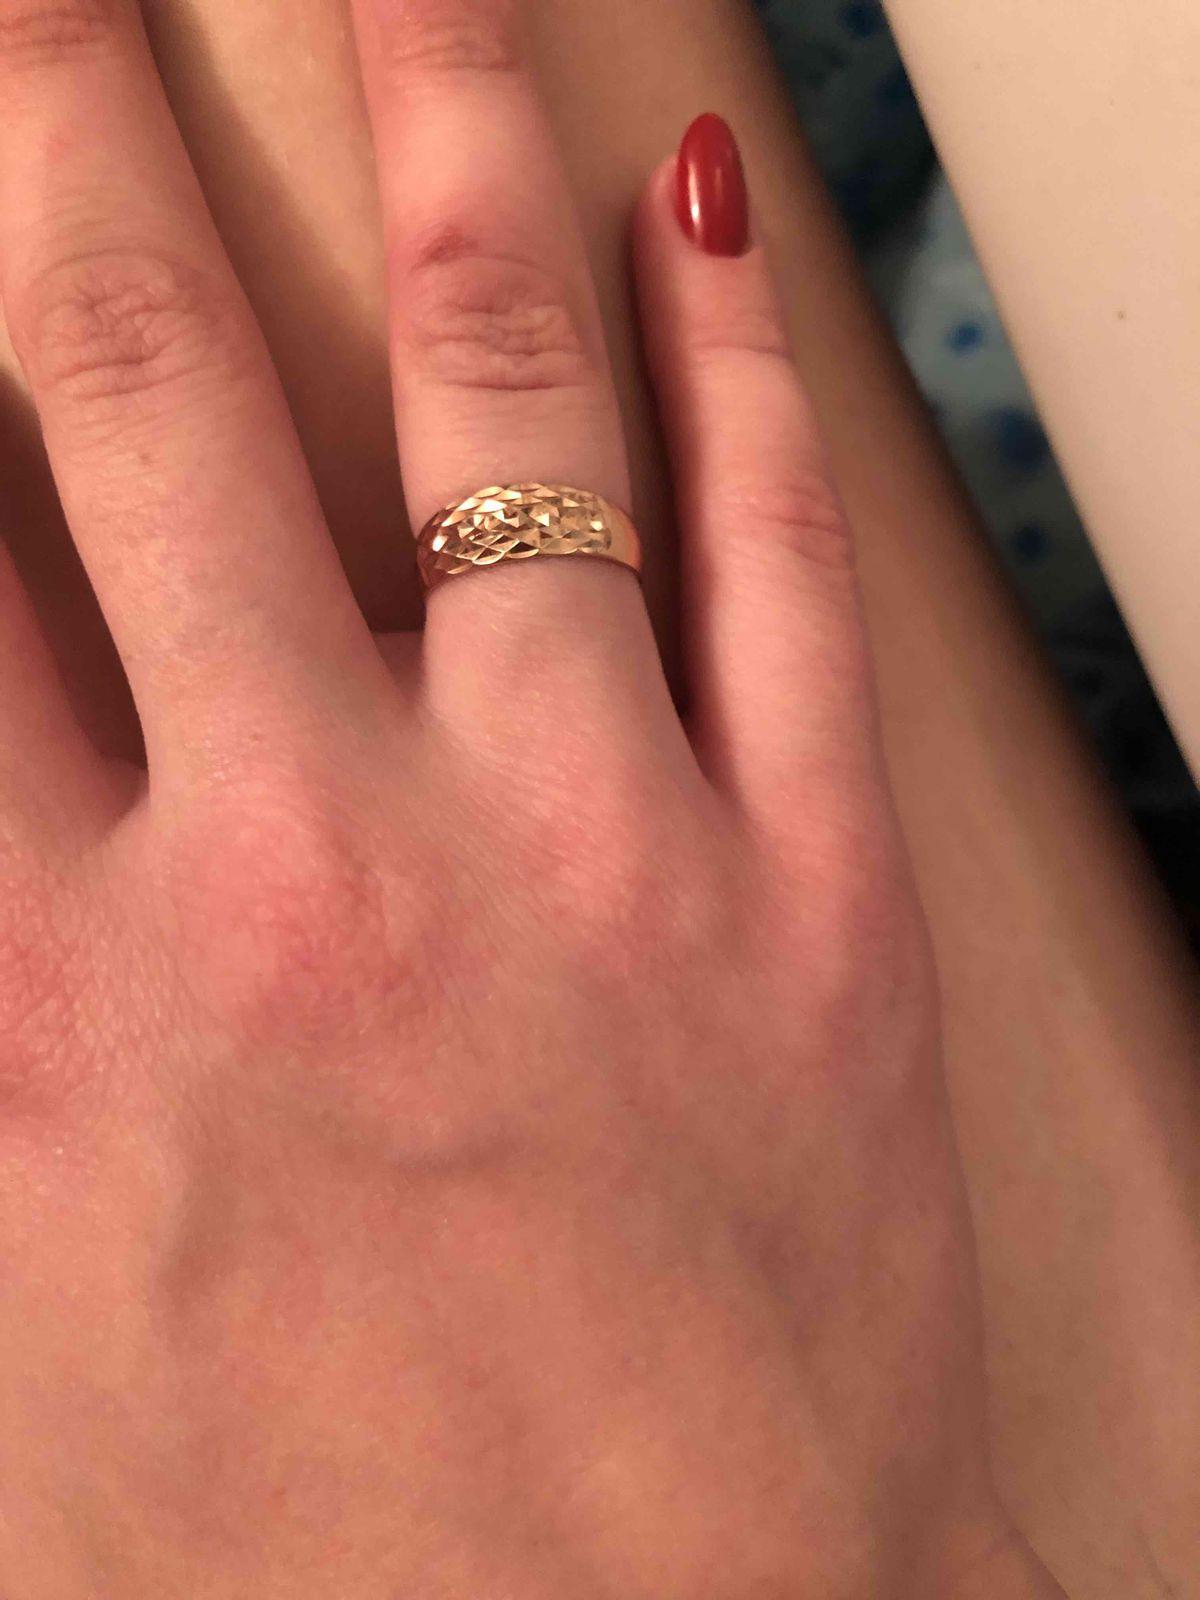 Самое красивое кольцо на свете , очень  аккуратное и элегантное ❤️❤️❤️❤️ ❤️